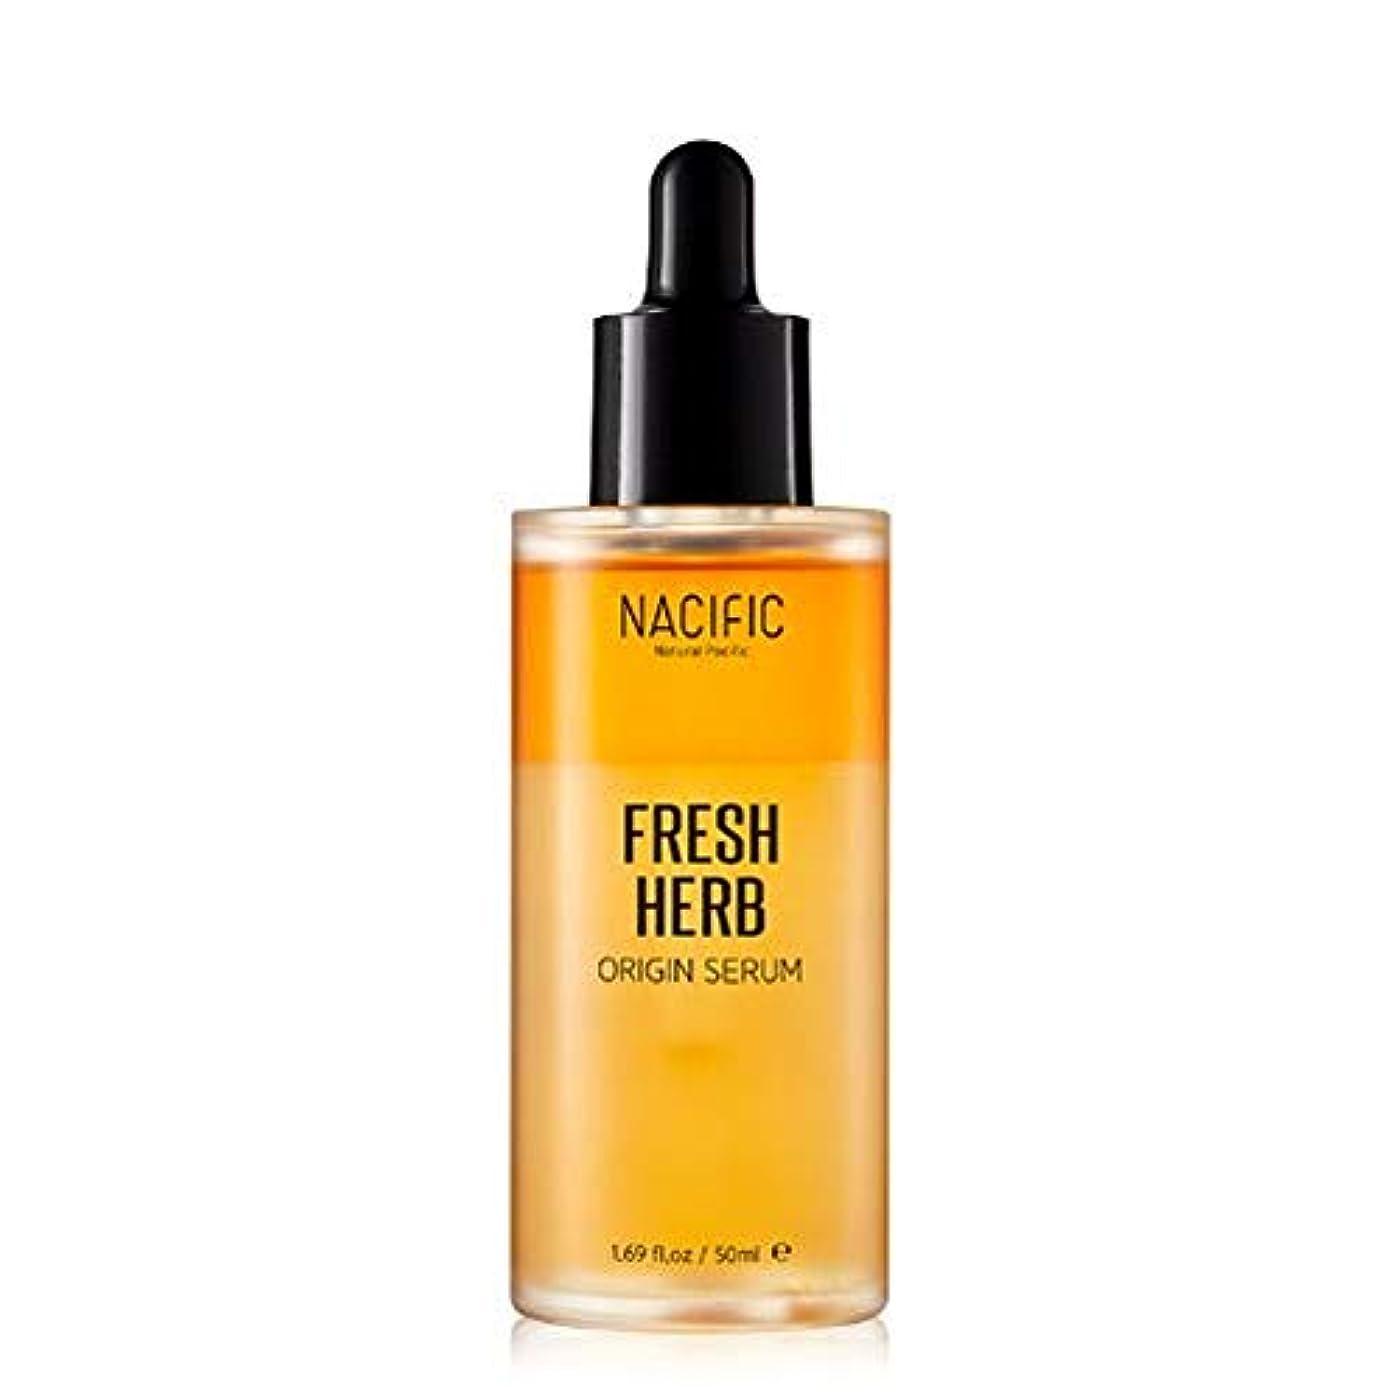 散歩に行く暴行先見の明[NACIFIC/ナシフィック] Fresh Herb Origin Serum 50ml/フレッシュ ハーブ オリジン セラム 50ml ヨックセラム 韓国コスメ 韓国 [並行輸入品]